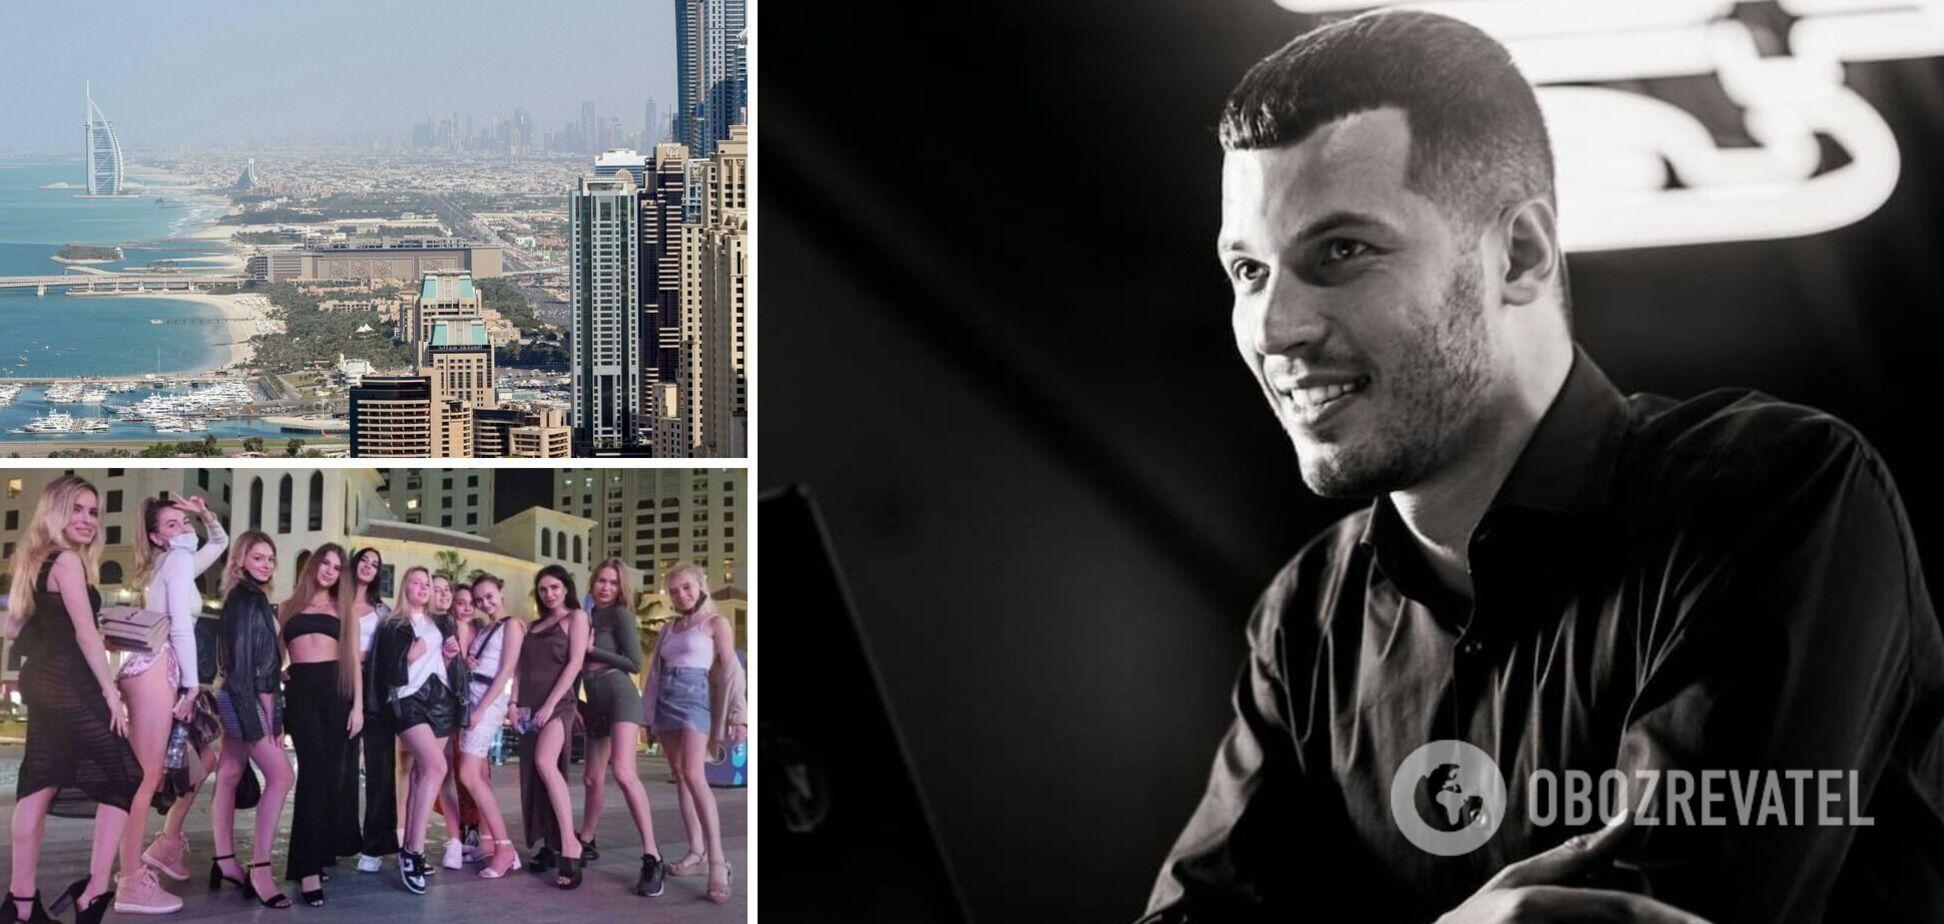 'Организатора' голой фотосессии в Дубае отпустили из тюрьмы ОАЭ